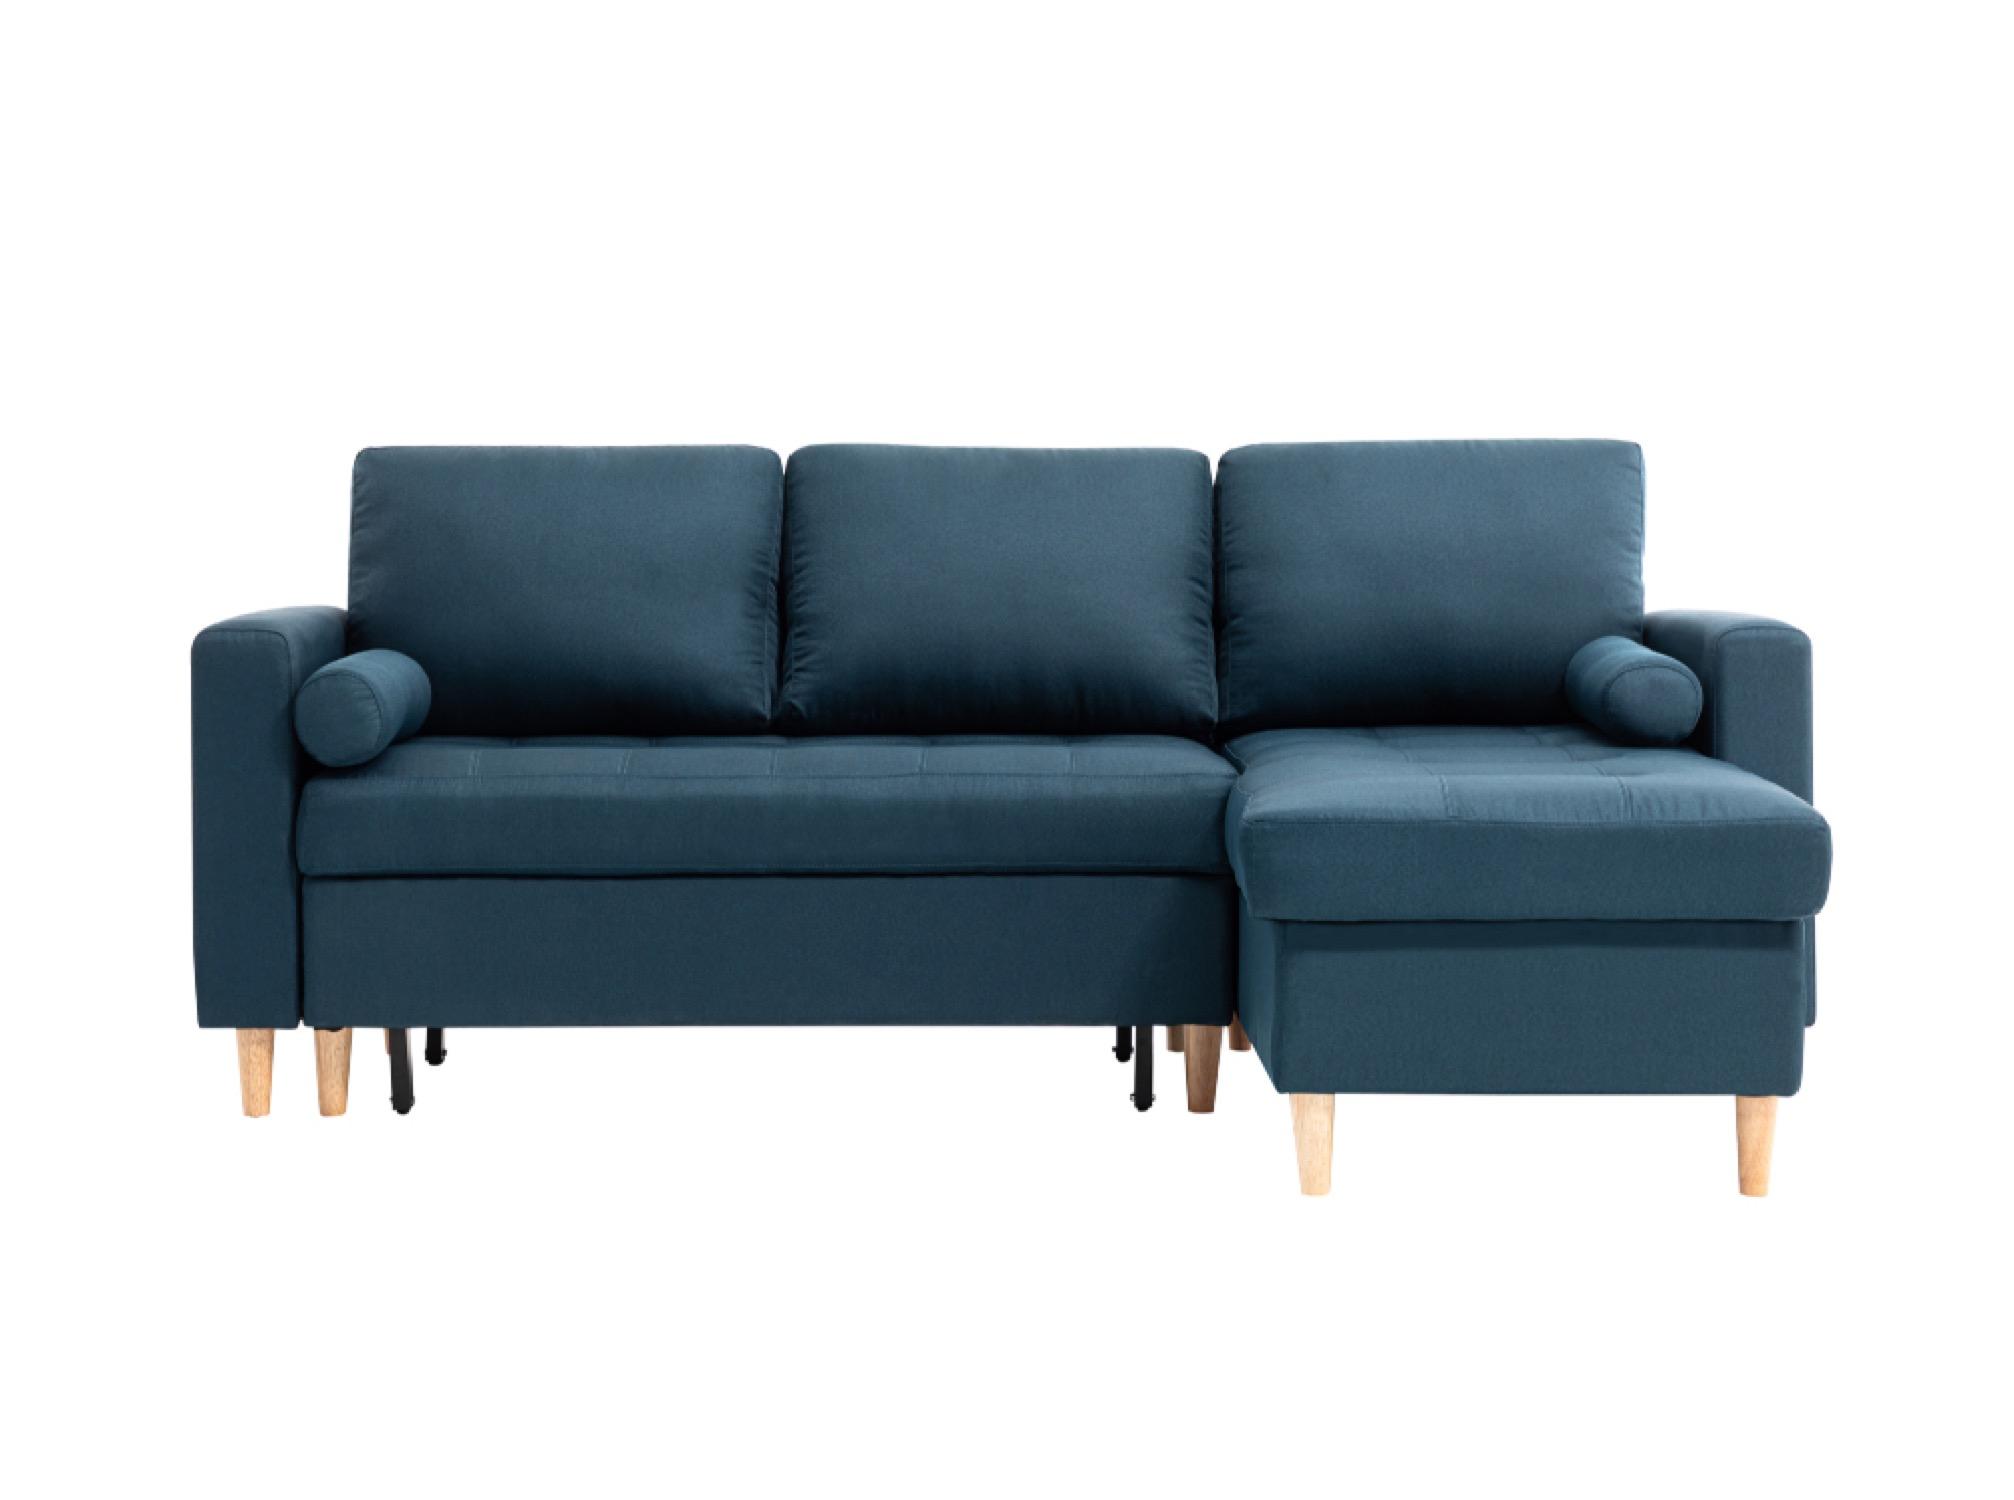 Canapé d'angle 4 places Bleu Tissu Scandinave Confort